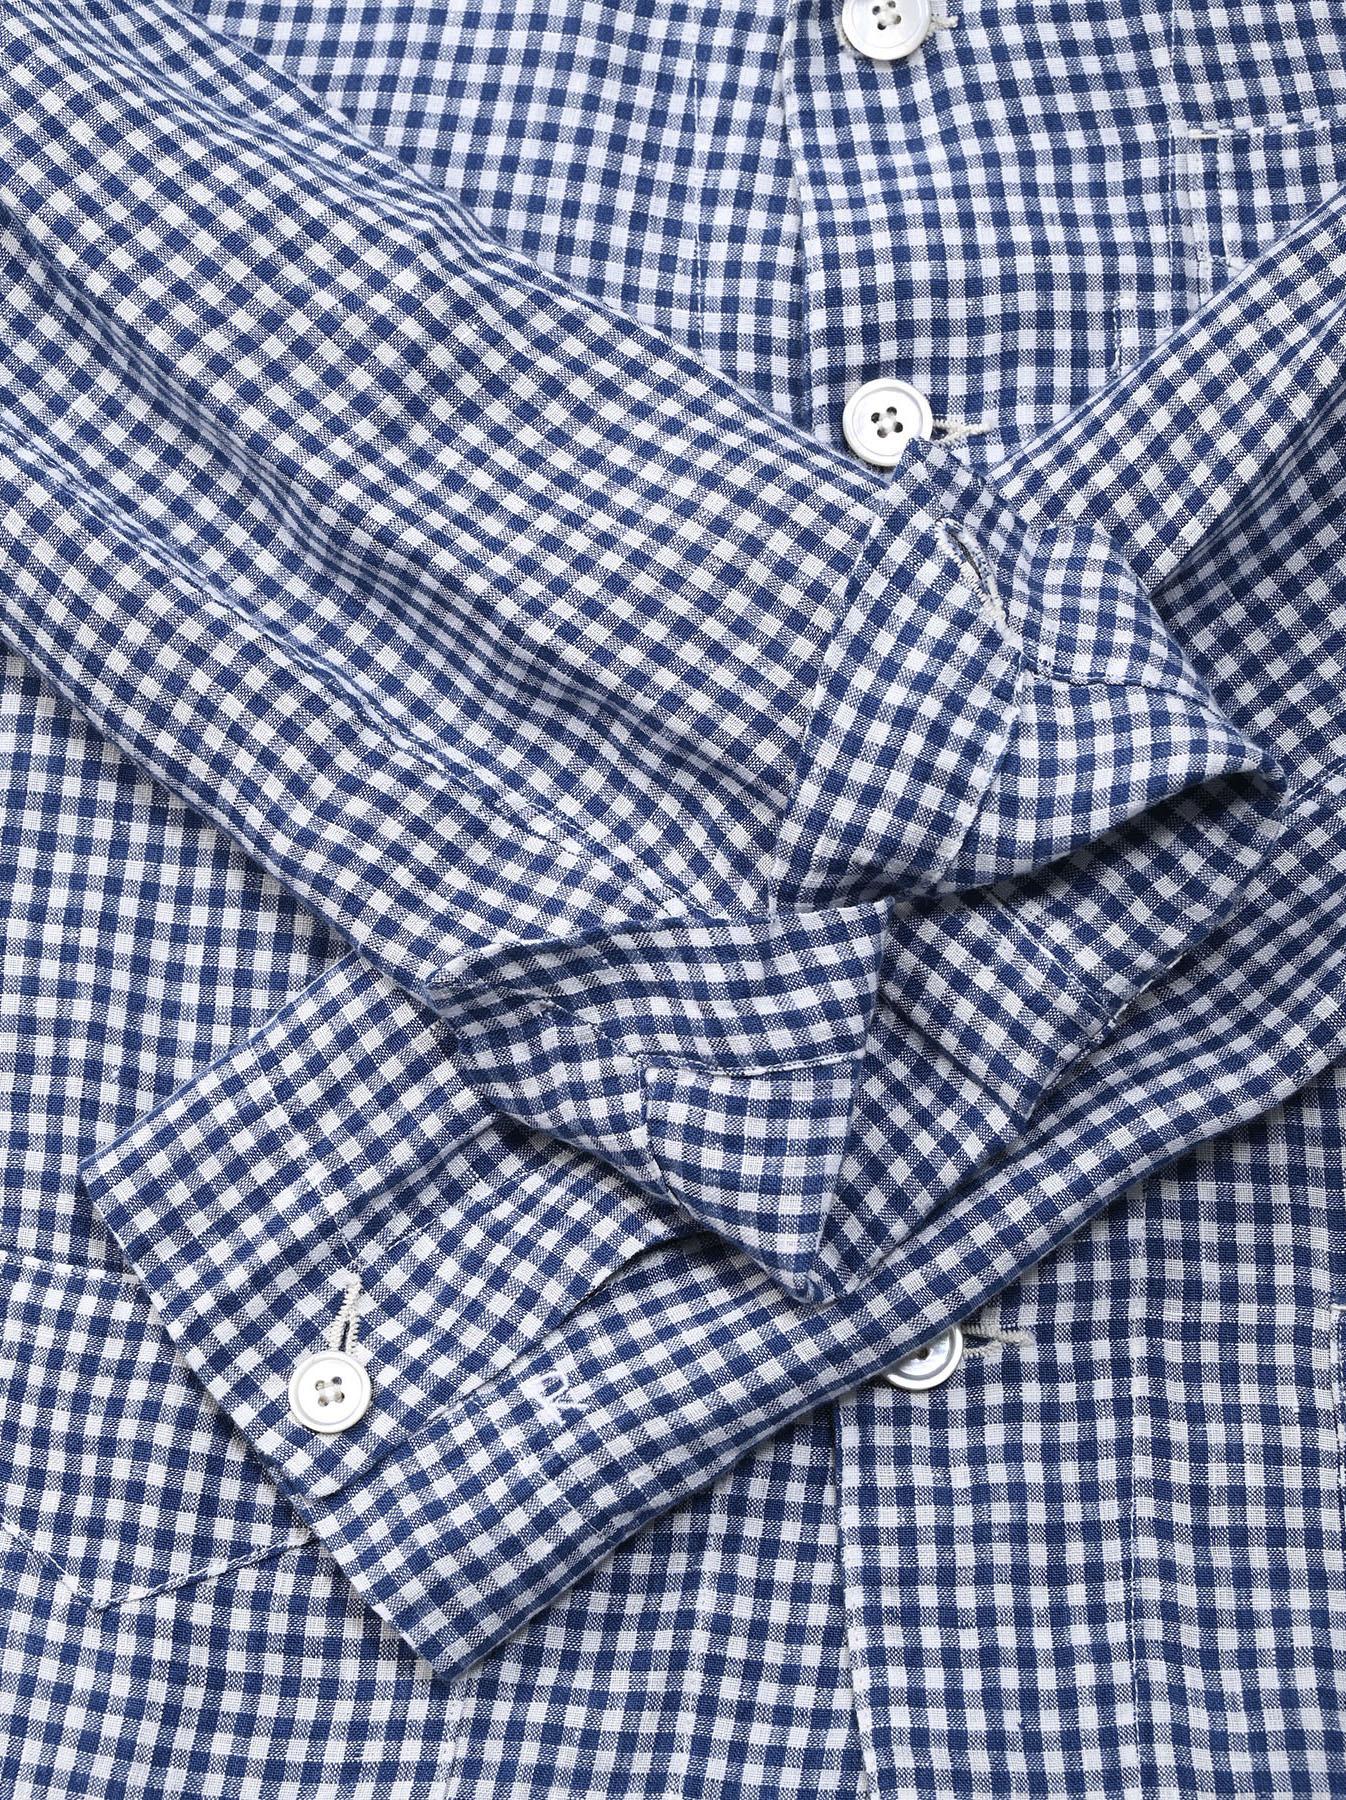 Indian Linen Flat Shirt Jacket (0521)-12